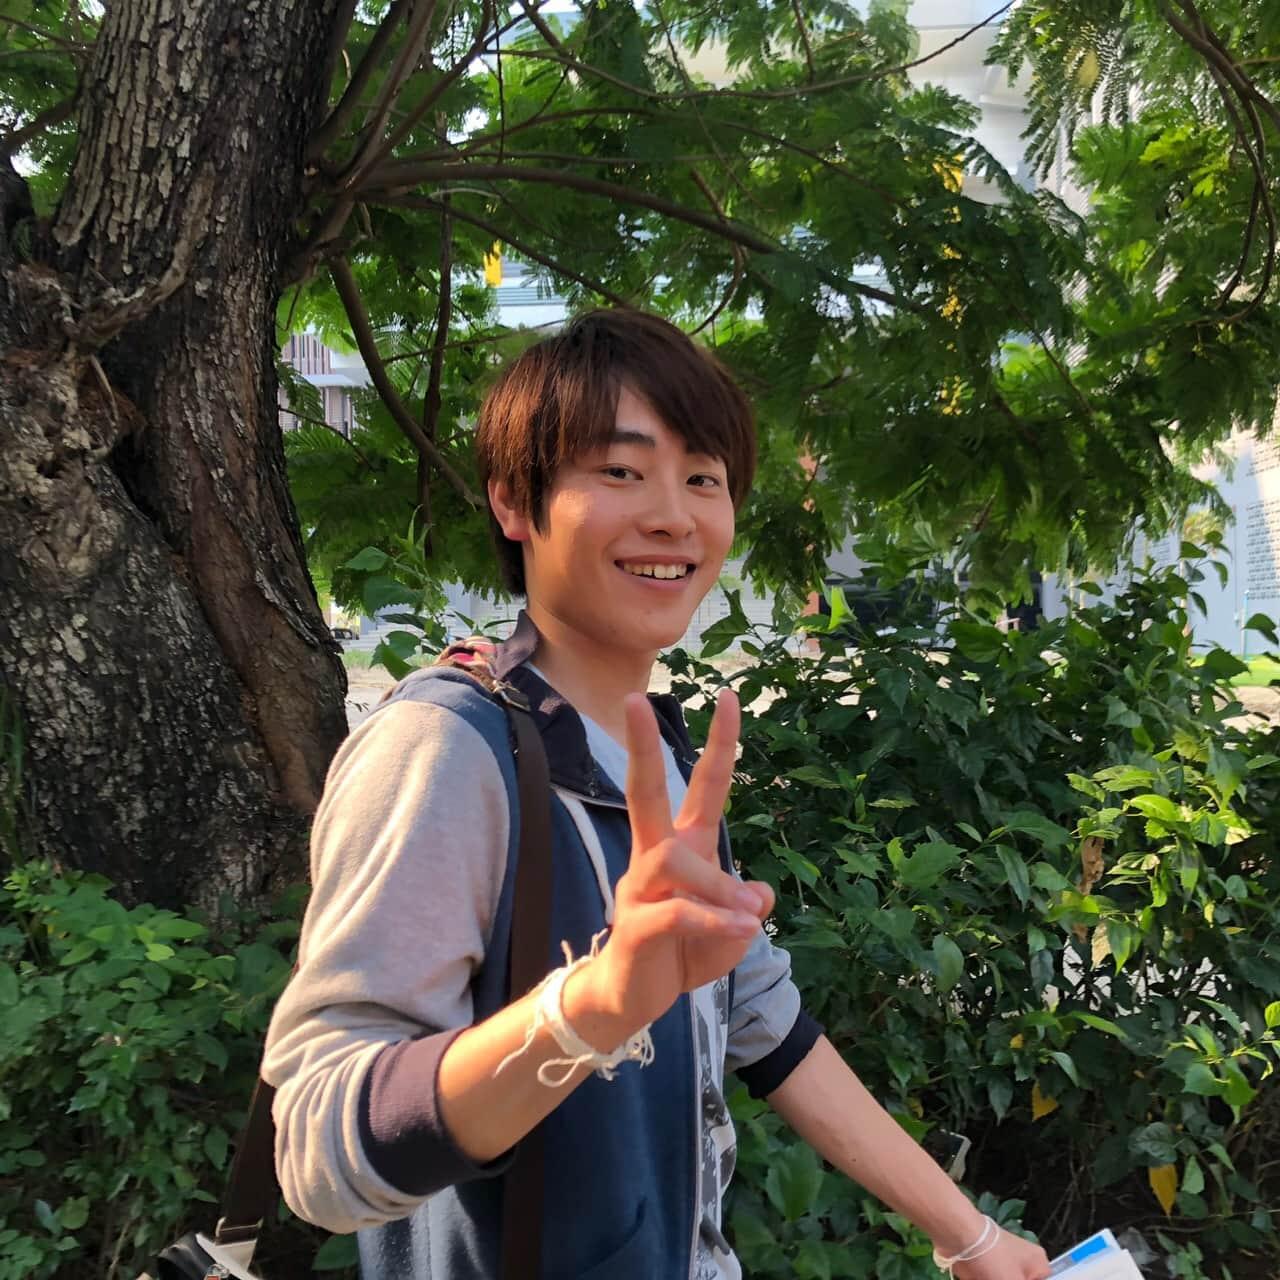 member_blog_7238_5d31da8e2898f.JPG